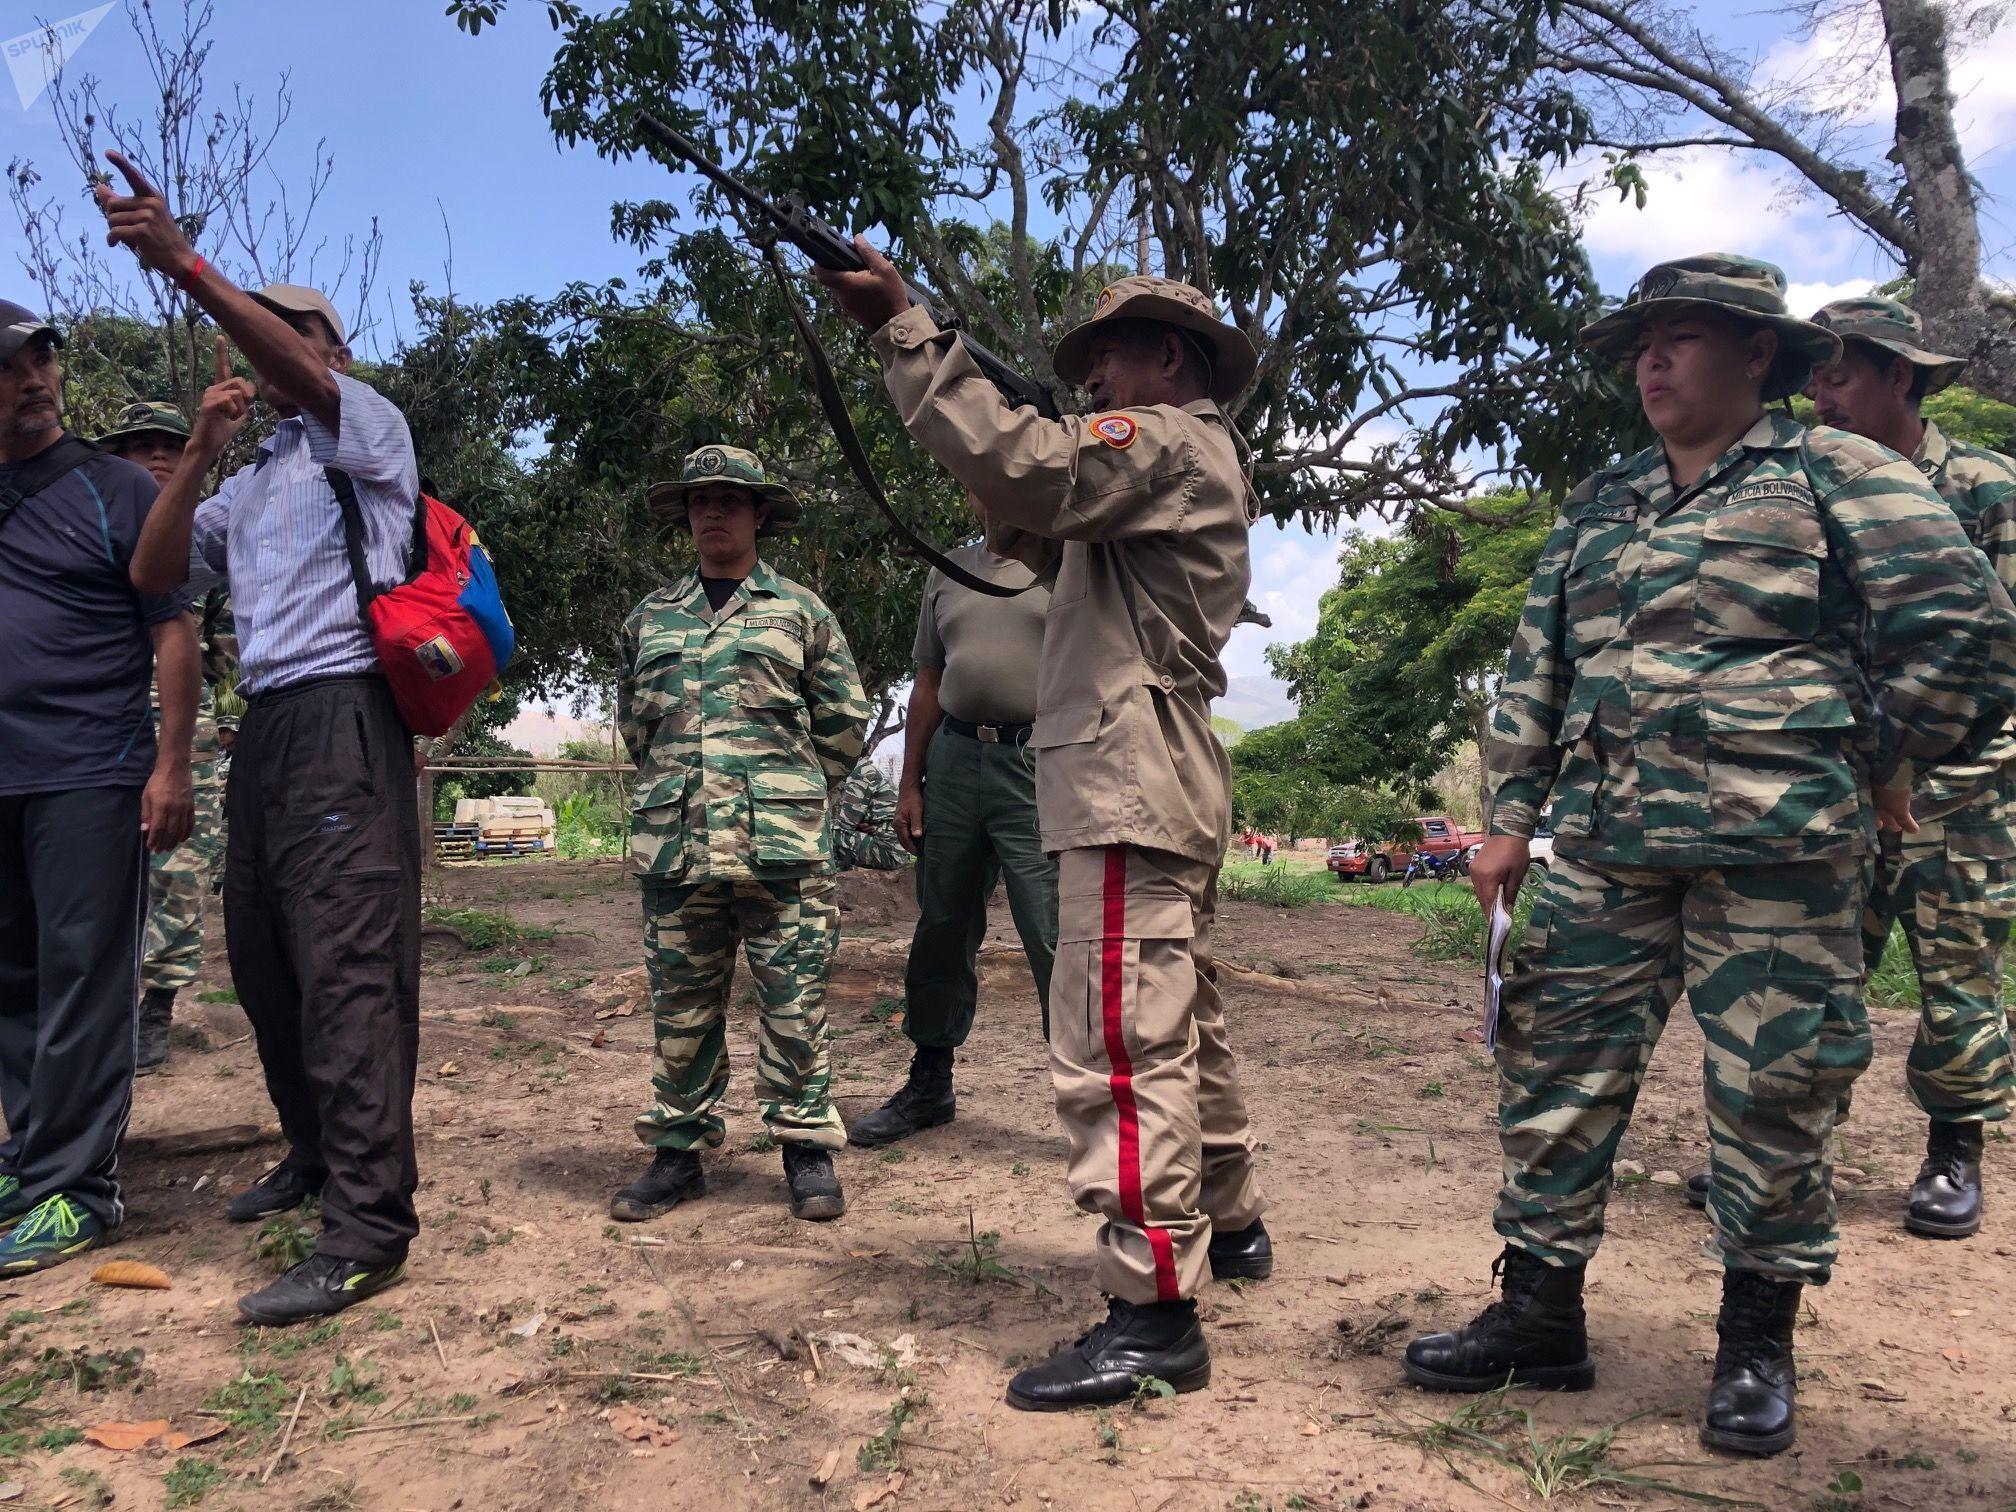 Civis treinados no Método Tático de Resistência Revolucionária aprendem a armar e a disparar